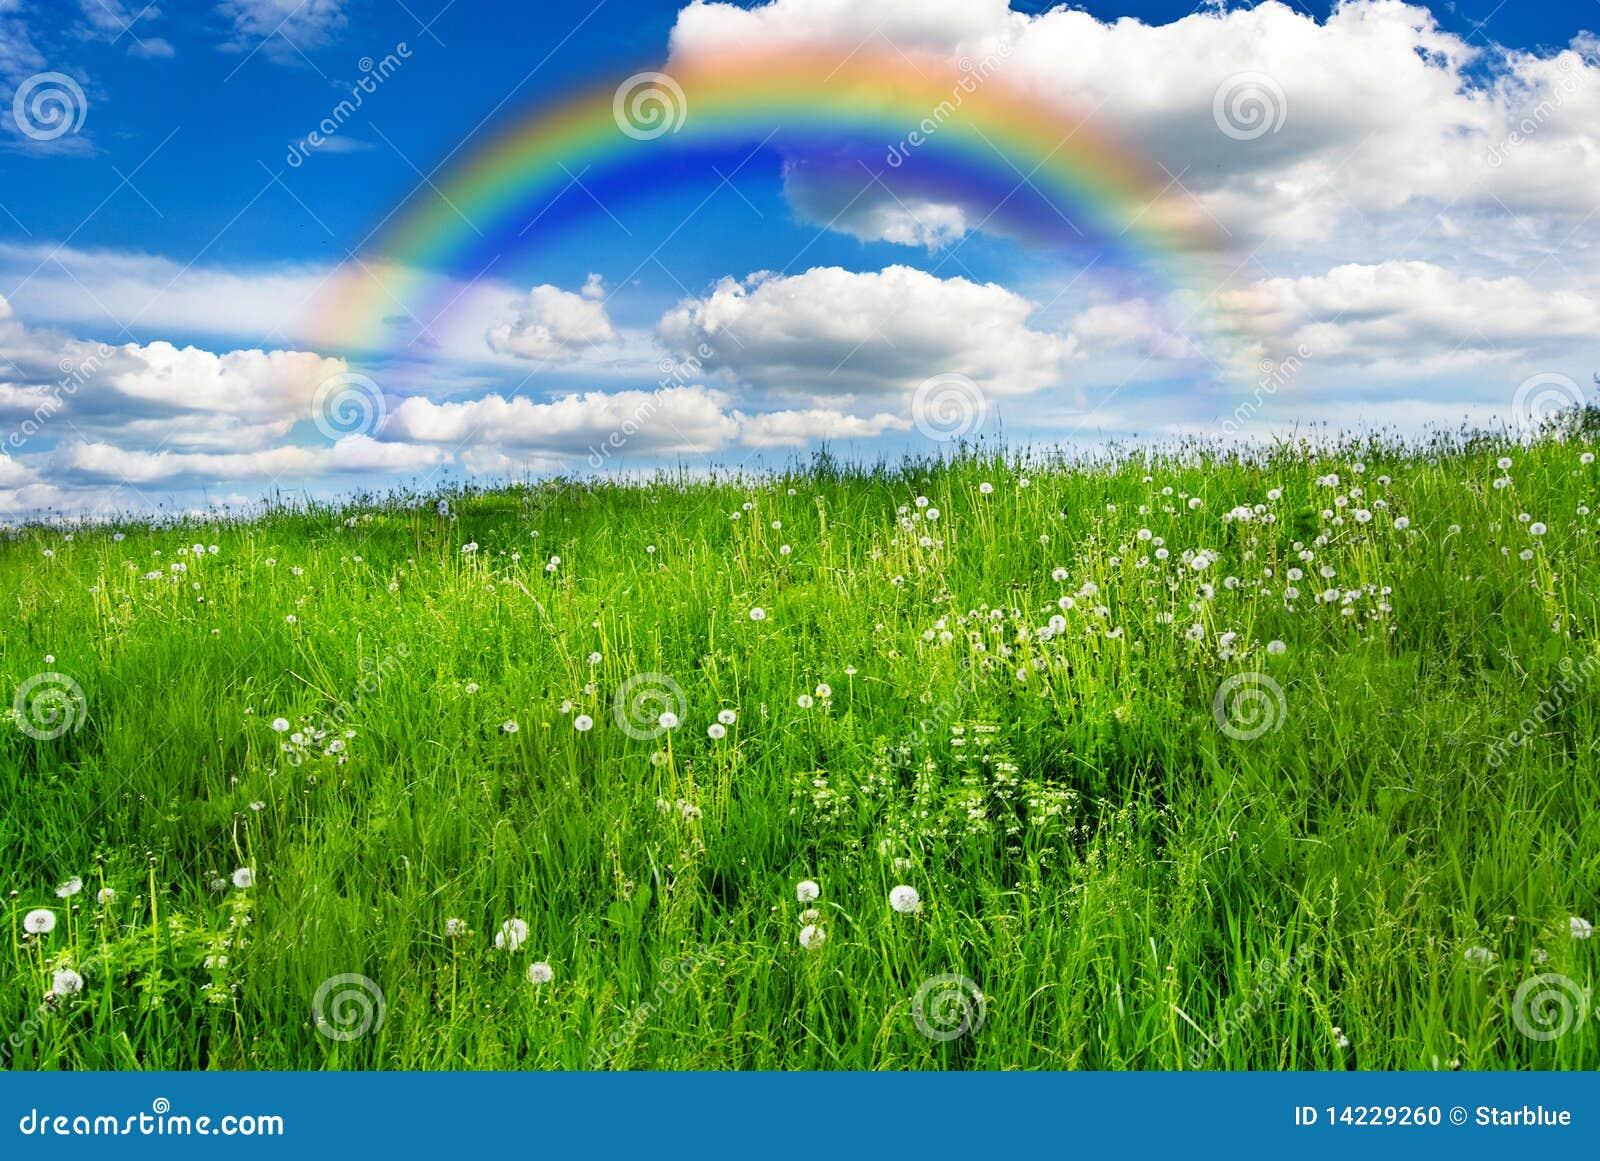 Weide met regenboog